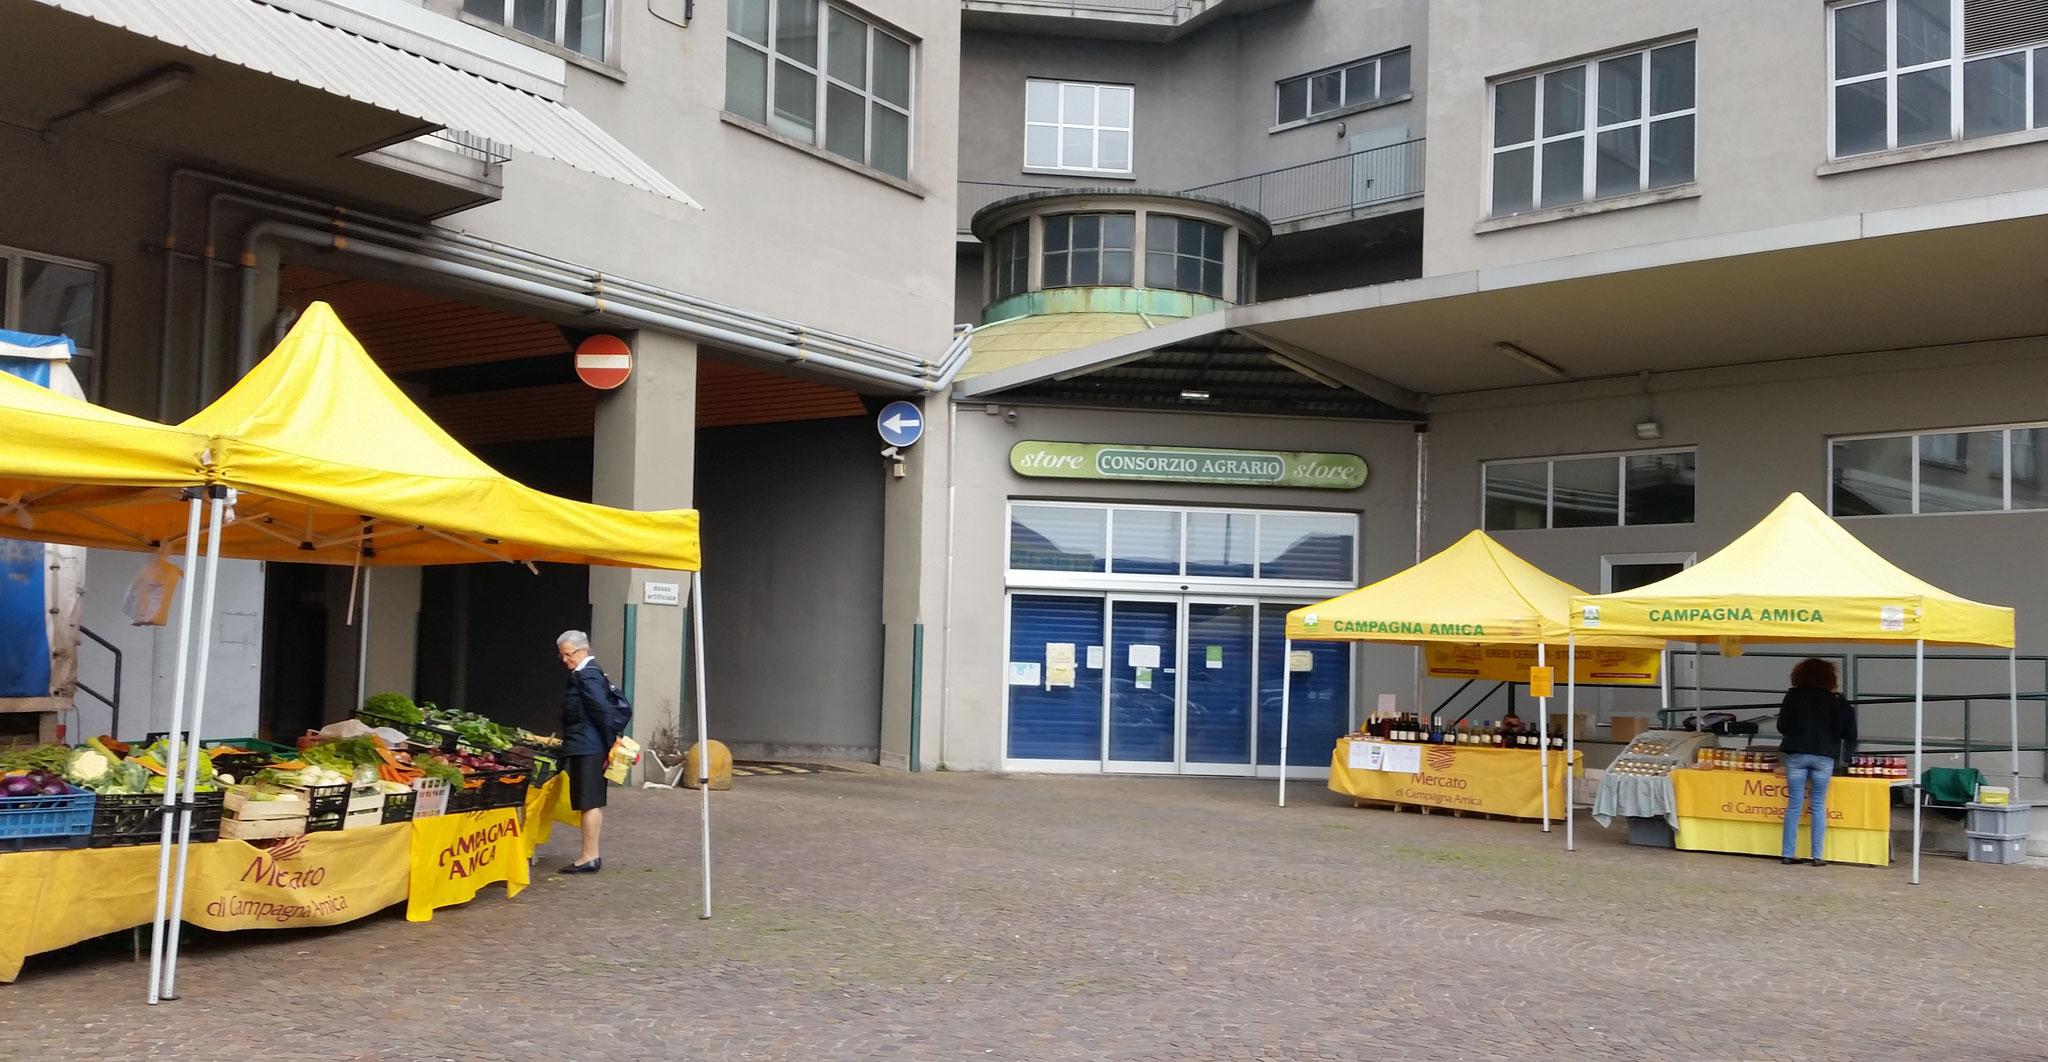 mercato a filiera corta Via Ripamonti